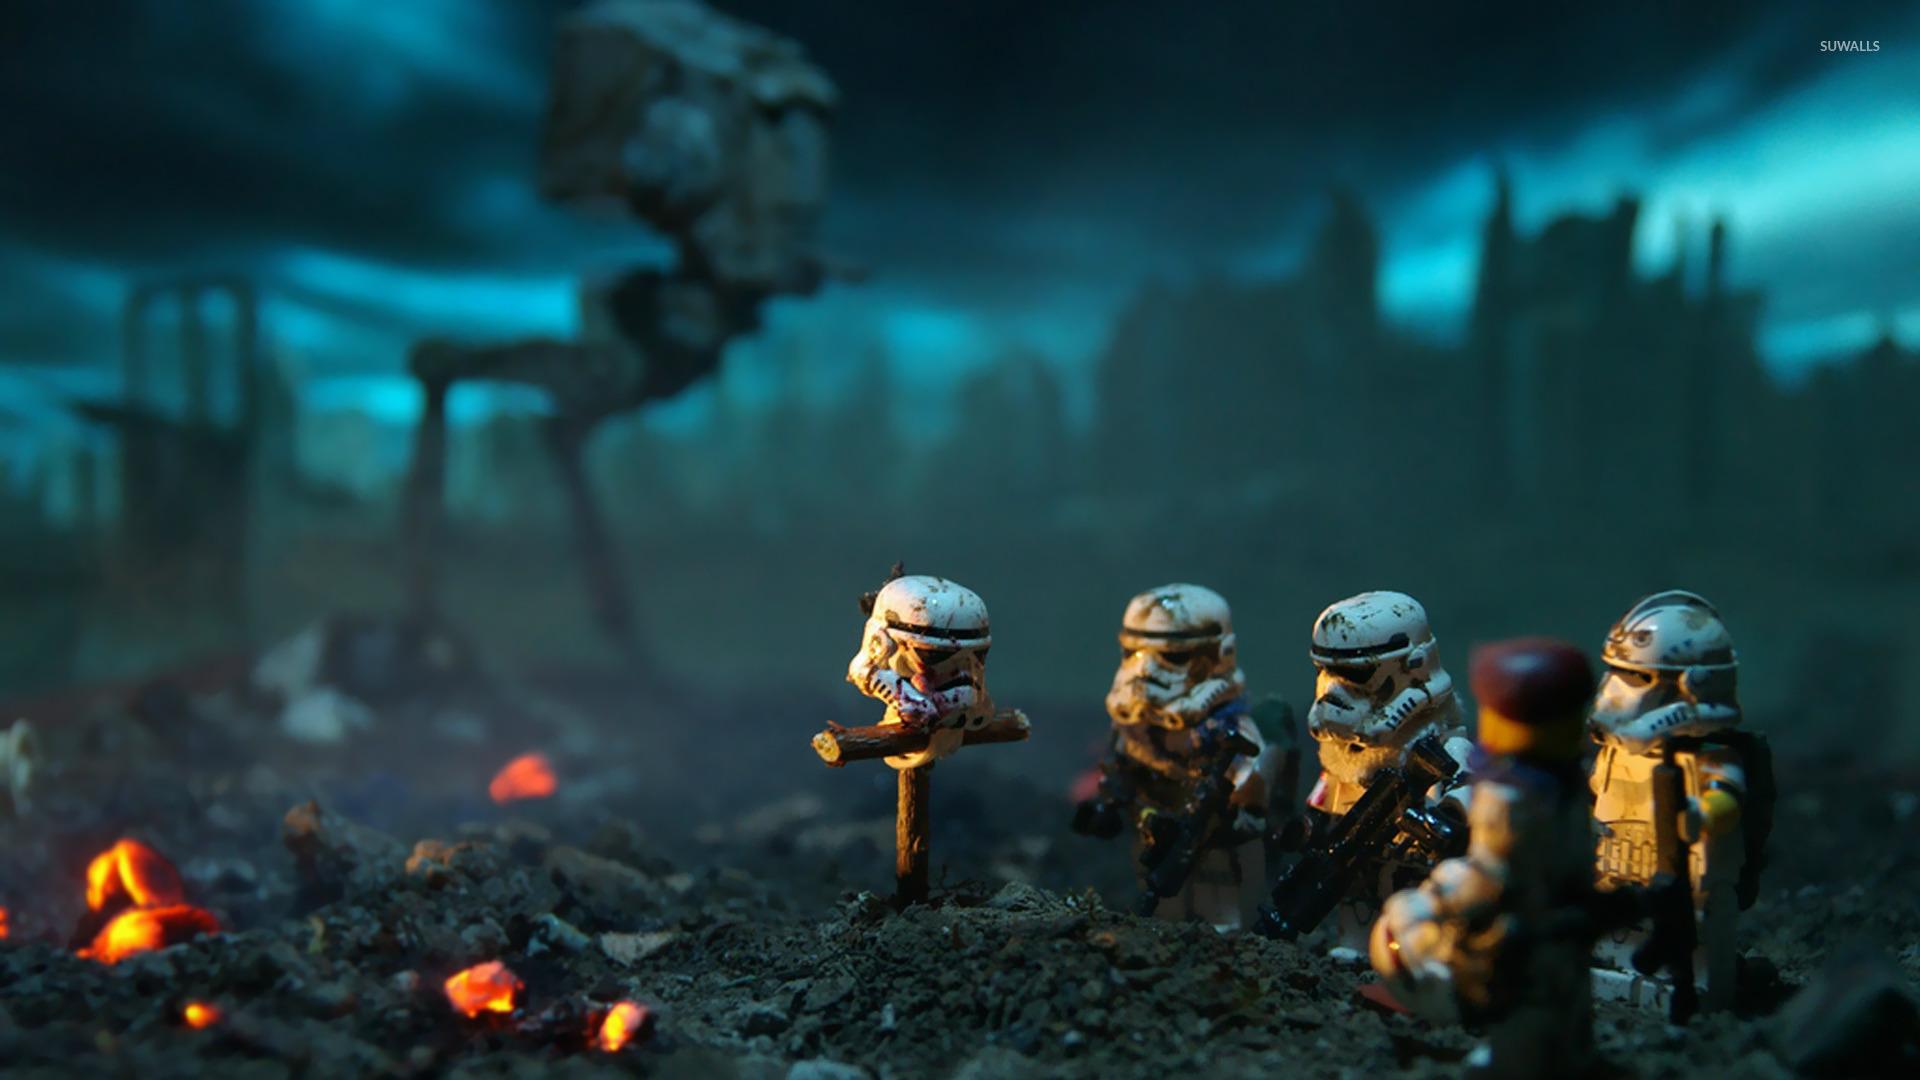 Lego Stormtrooper Wallpaper Wallpapersafari